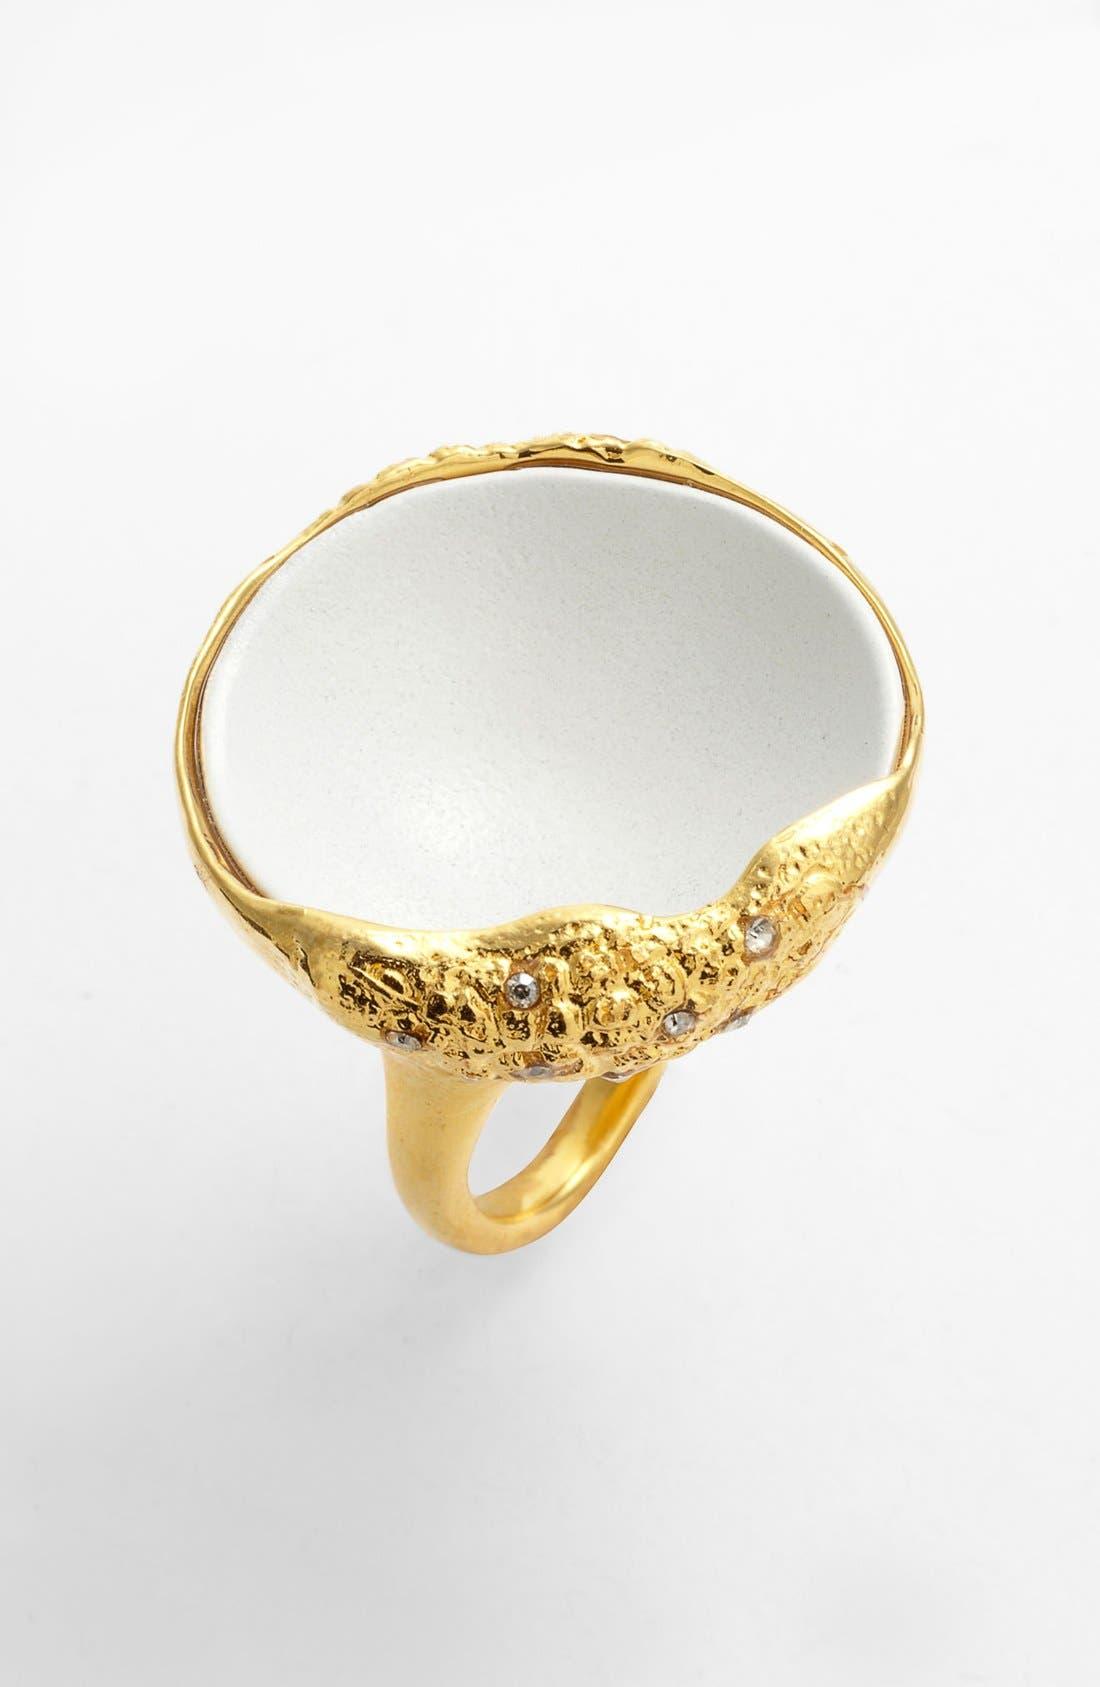 Alternate Image 1 Selected - Alexis Bittar 'Miss Havisham - Liquid Gold' Concave Ring